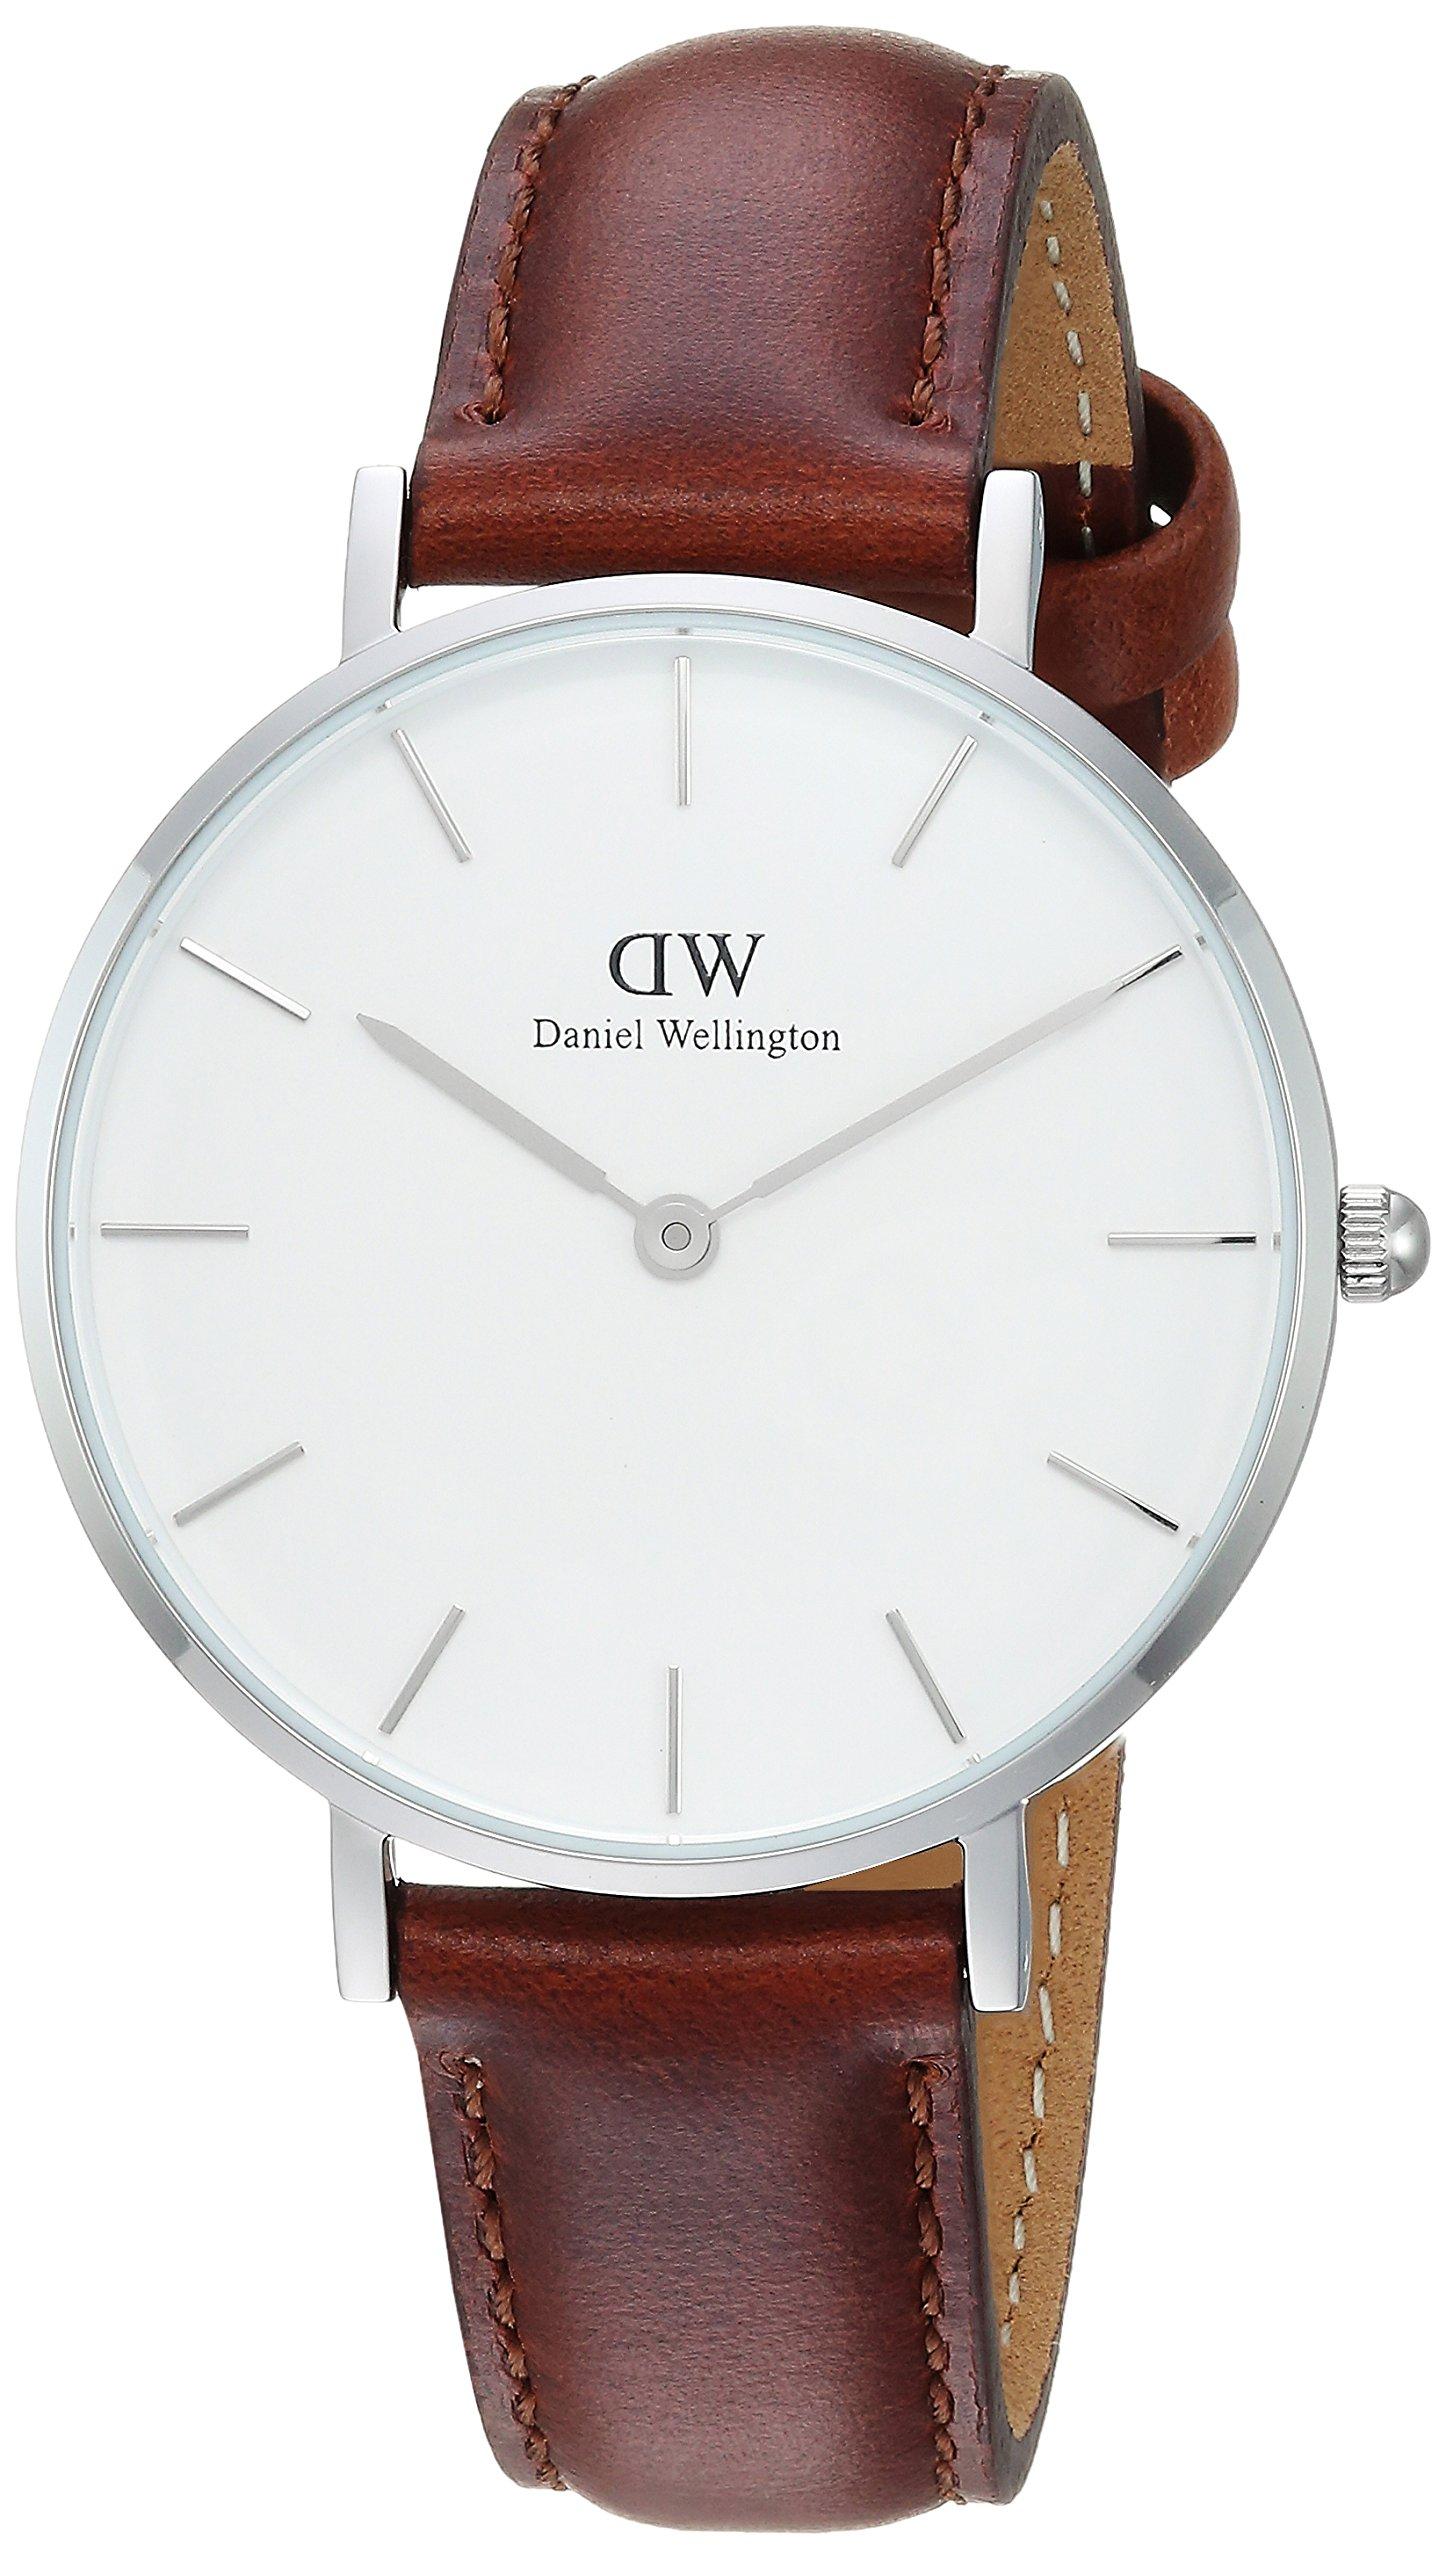 Daniel Wellington Reloj DW00100187 Plateado Cuero Marrón